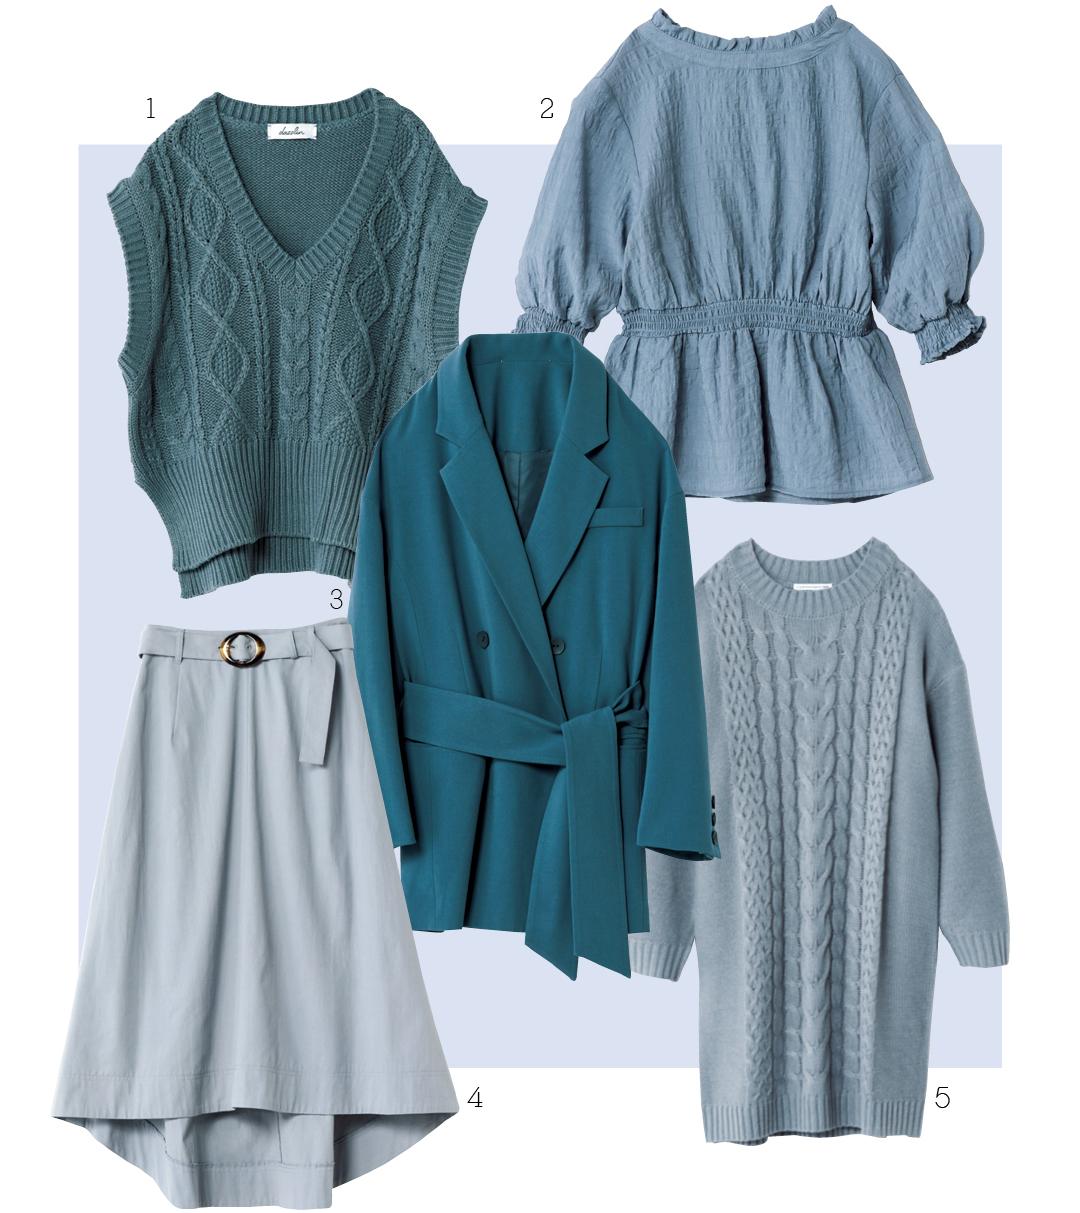 春色ブルーなら、スモーキーな色みが正解! 即買いしたい6着をお届け♡  _1_3